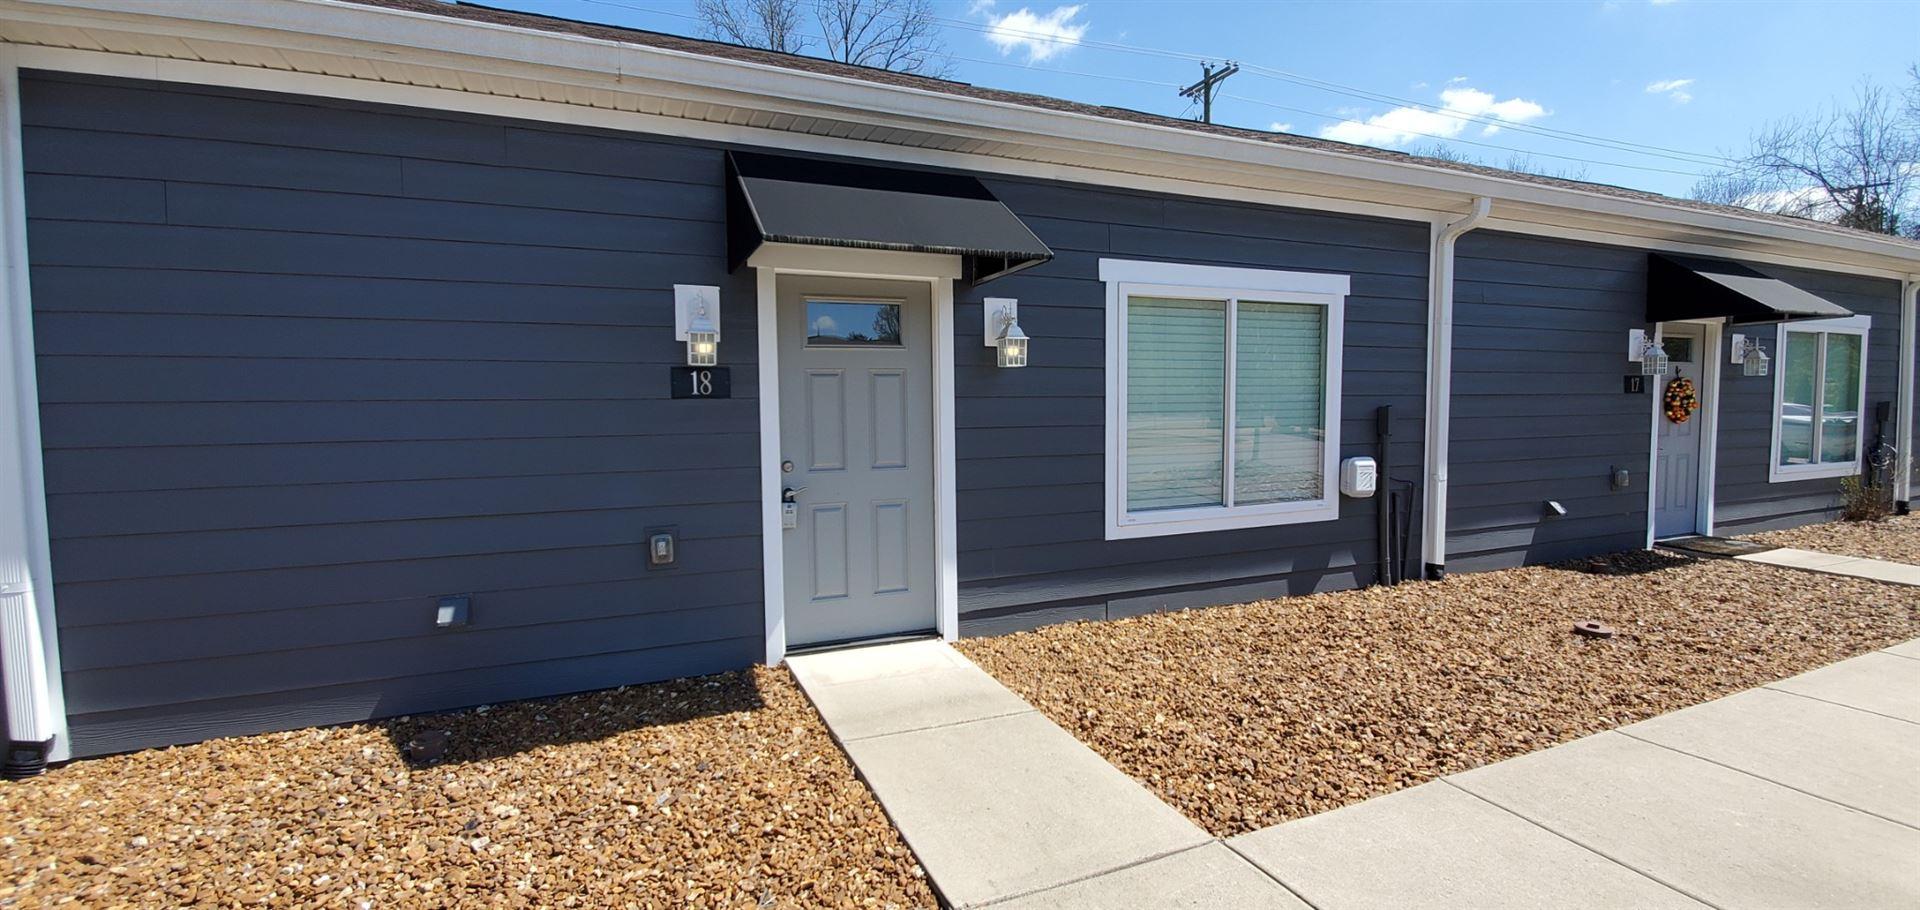 163 Bell Rd #18, Nashville, TN 37217 - MLS#: 2242132